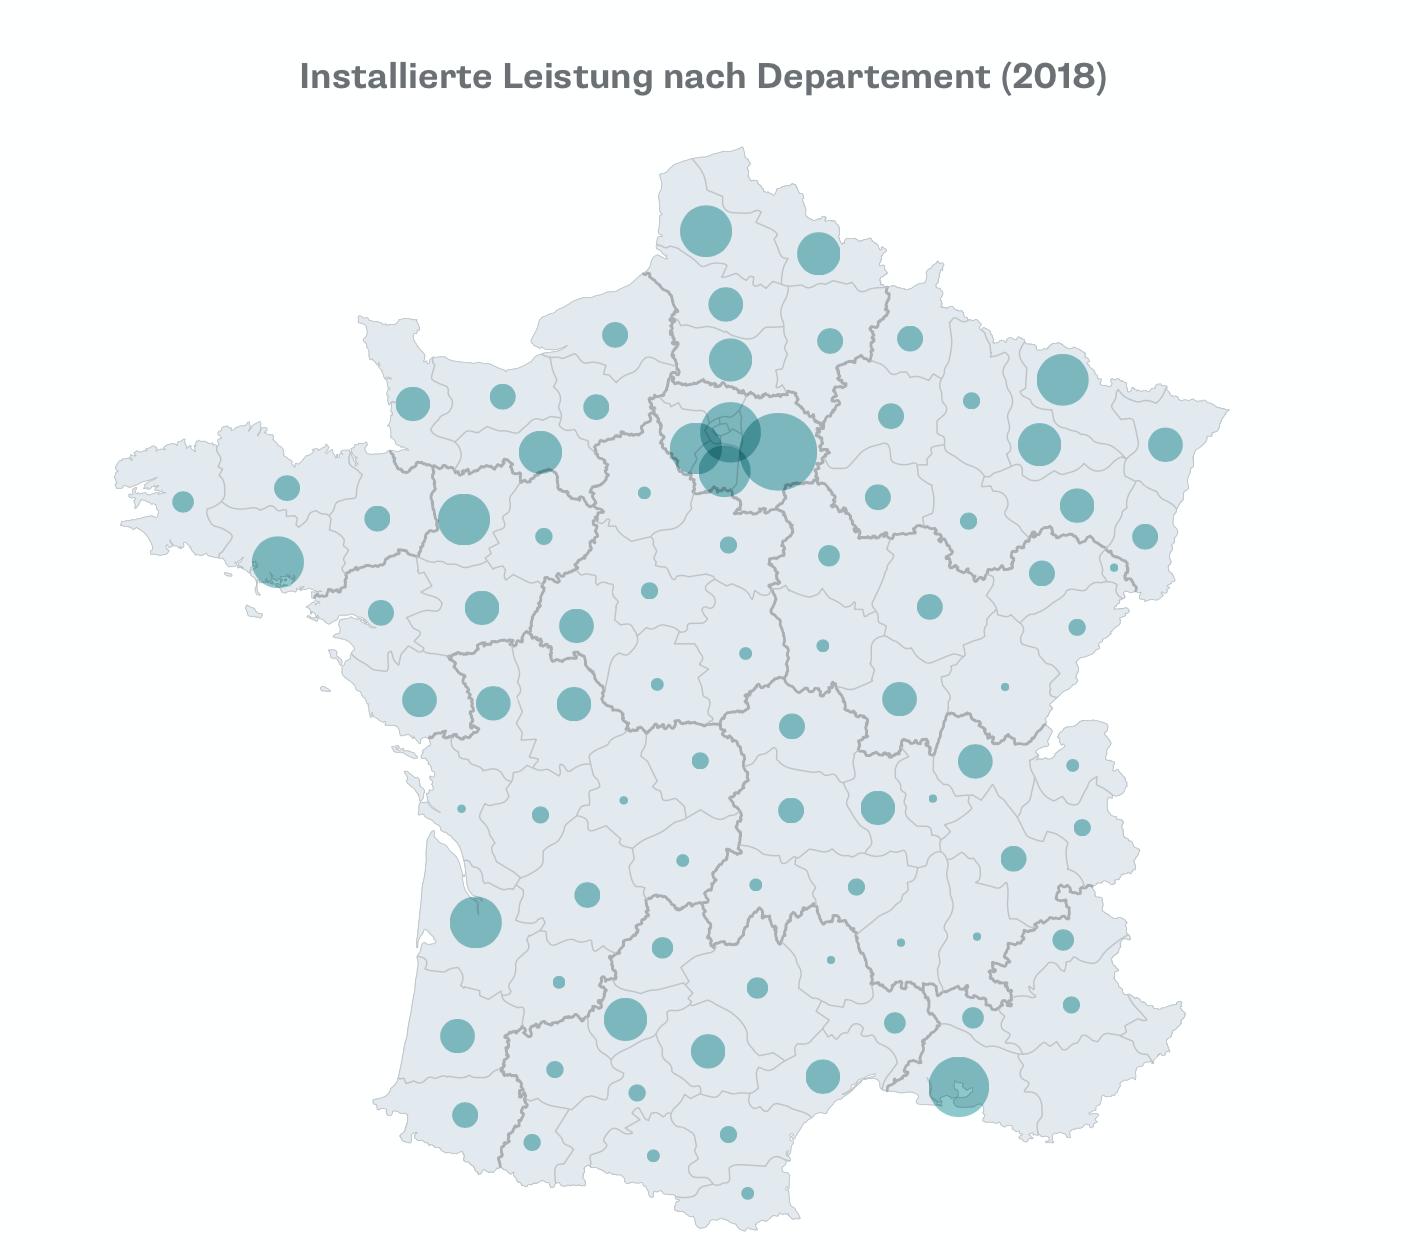 Installierte Leistung Biogas in Frankreich nach Departement